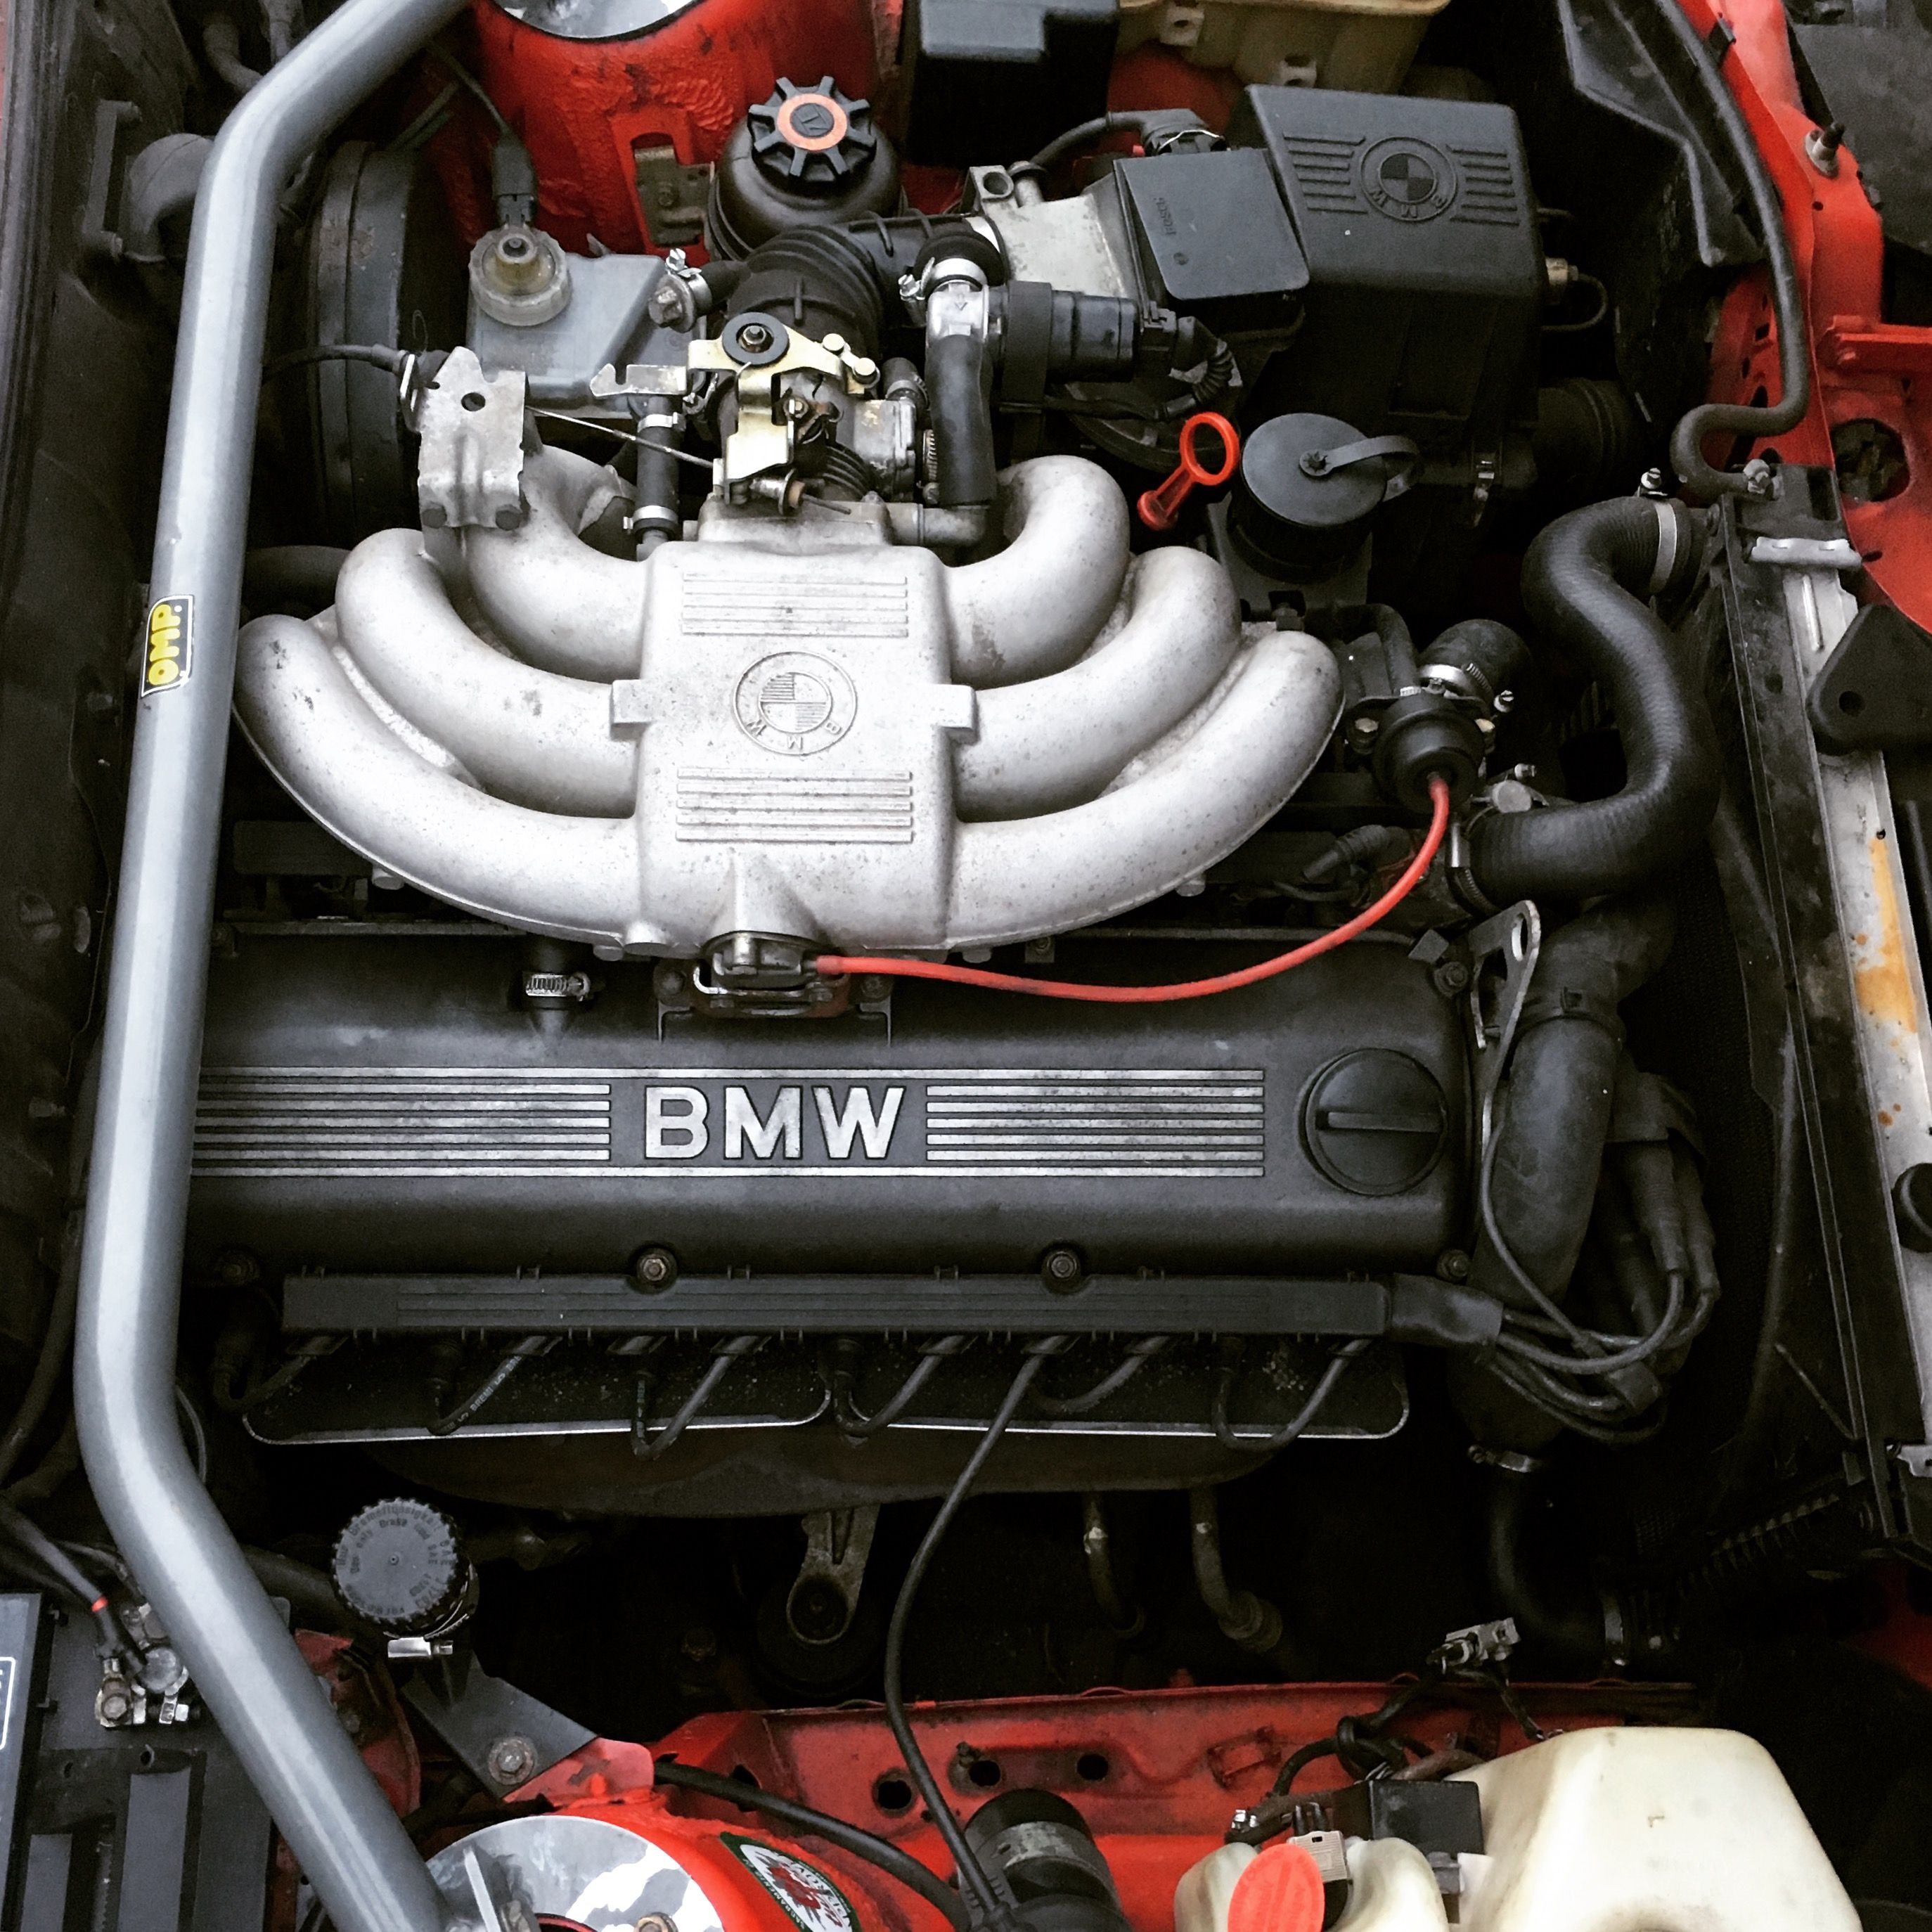 Bmw E30 325i Touring Engine Bay With Images Bmw E30 Bmw E34 E30